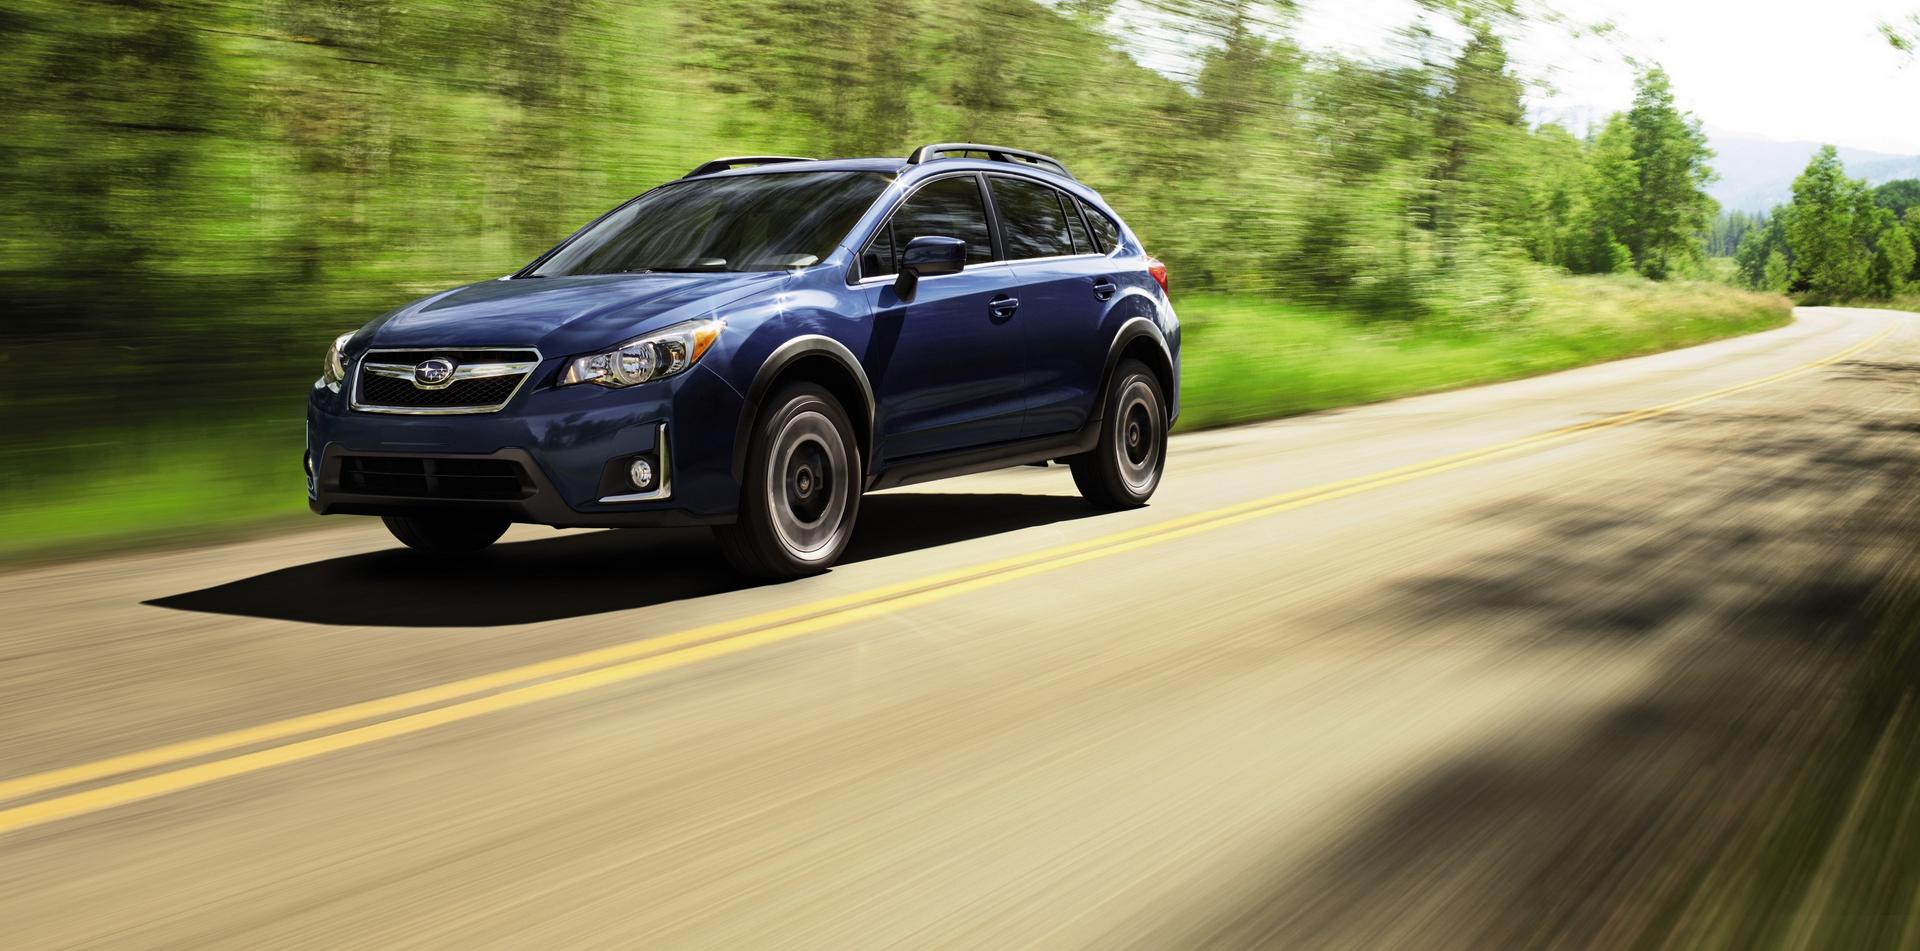 2017 Subaru Crosstrek © Fuji Heavy Industries, Ltd.